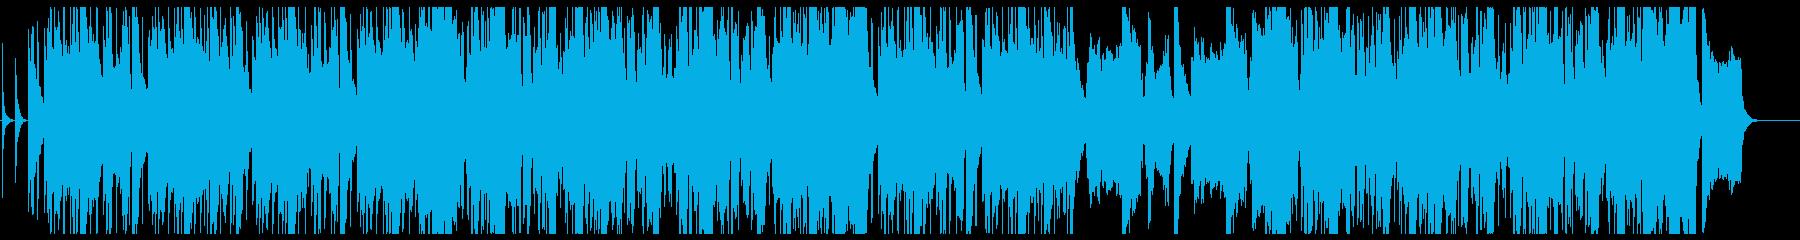 笛と打楽器を使った朝にピッタリの曲の再生済みの波形